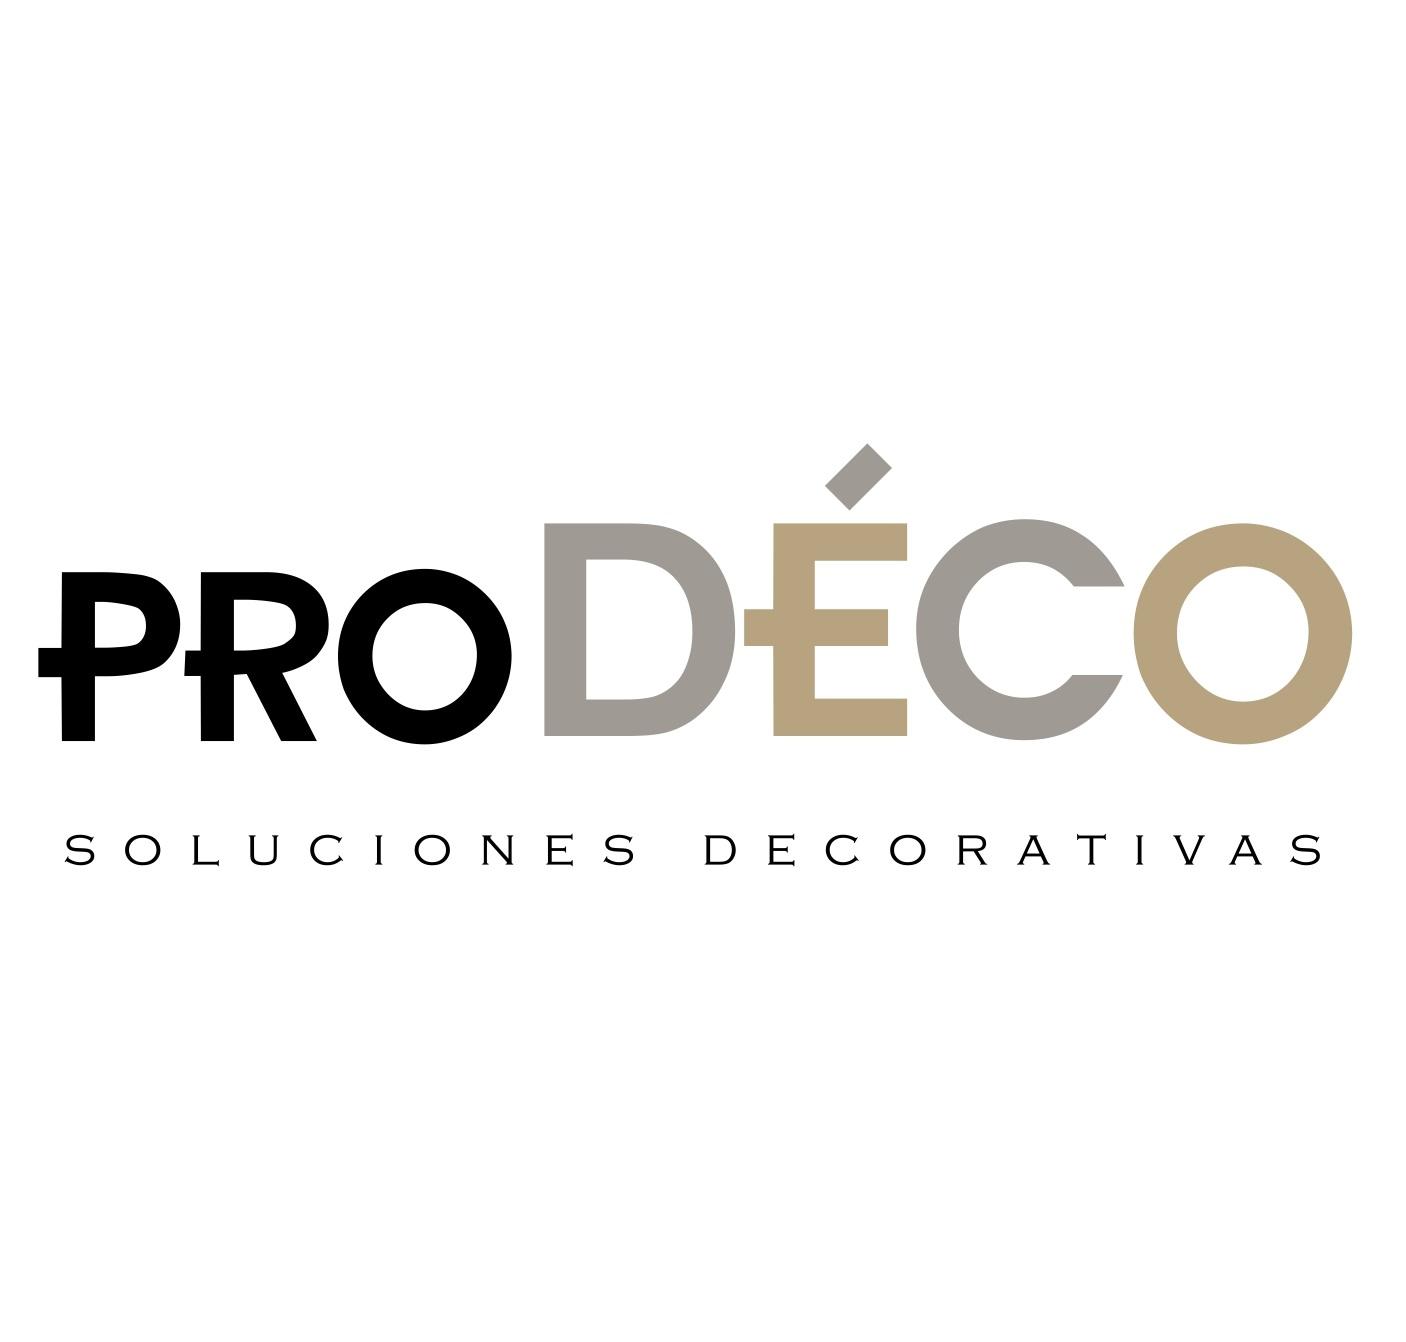 LOGO_prodeco_cv (2)